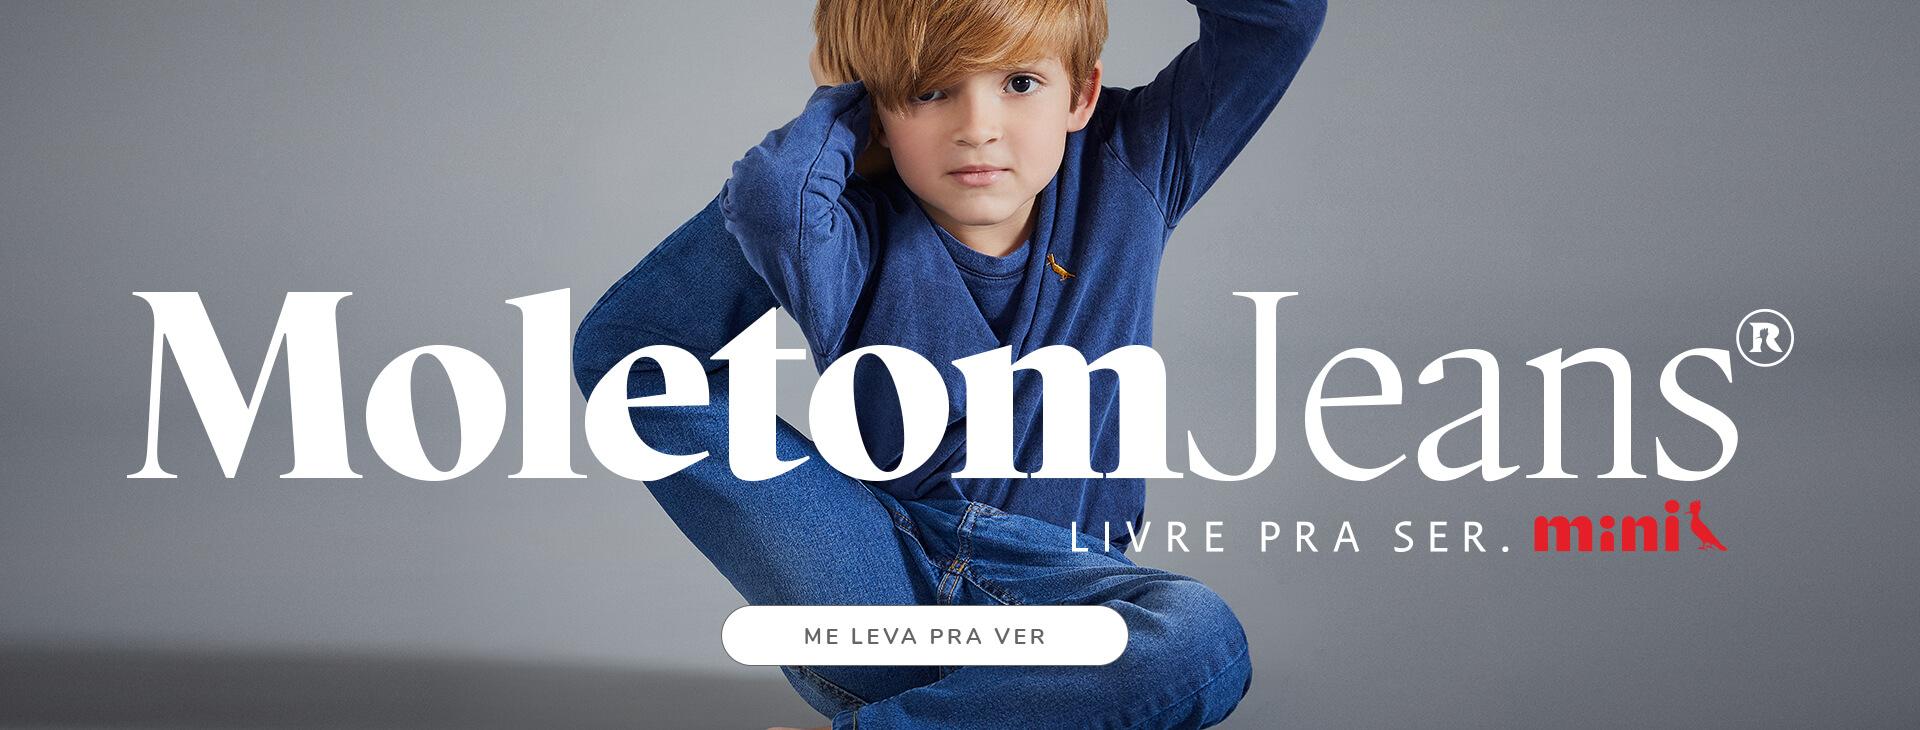 Coleção Moletom Jeans Reserva Mini